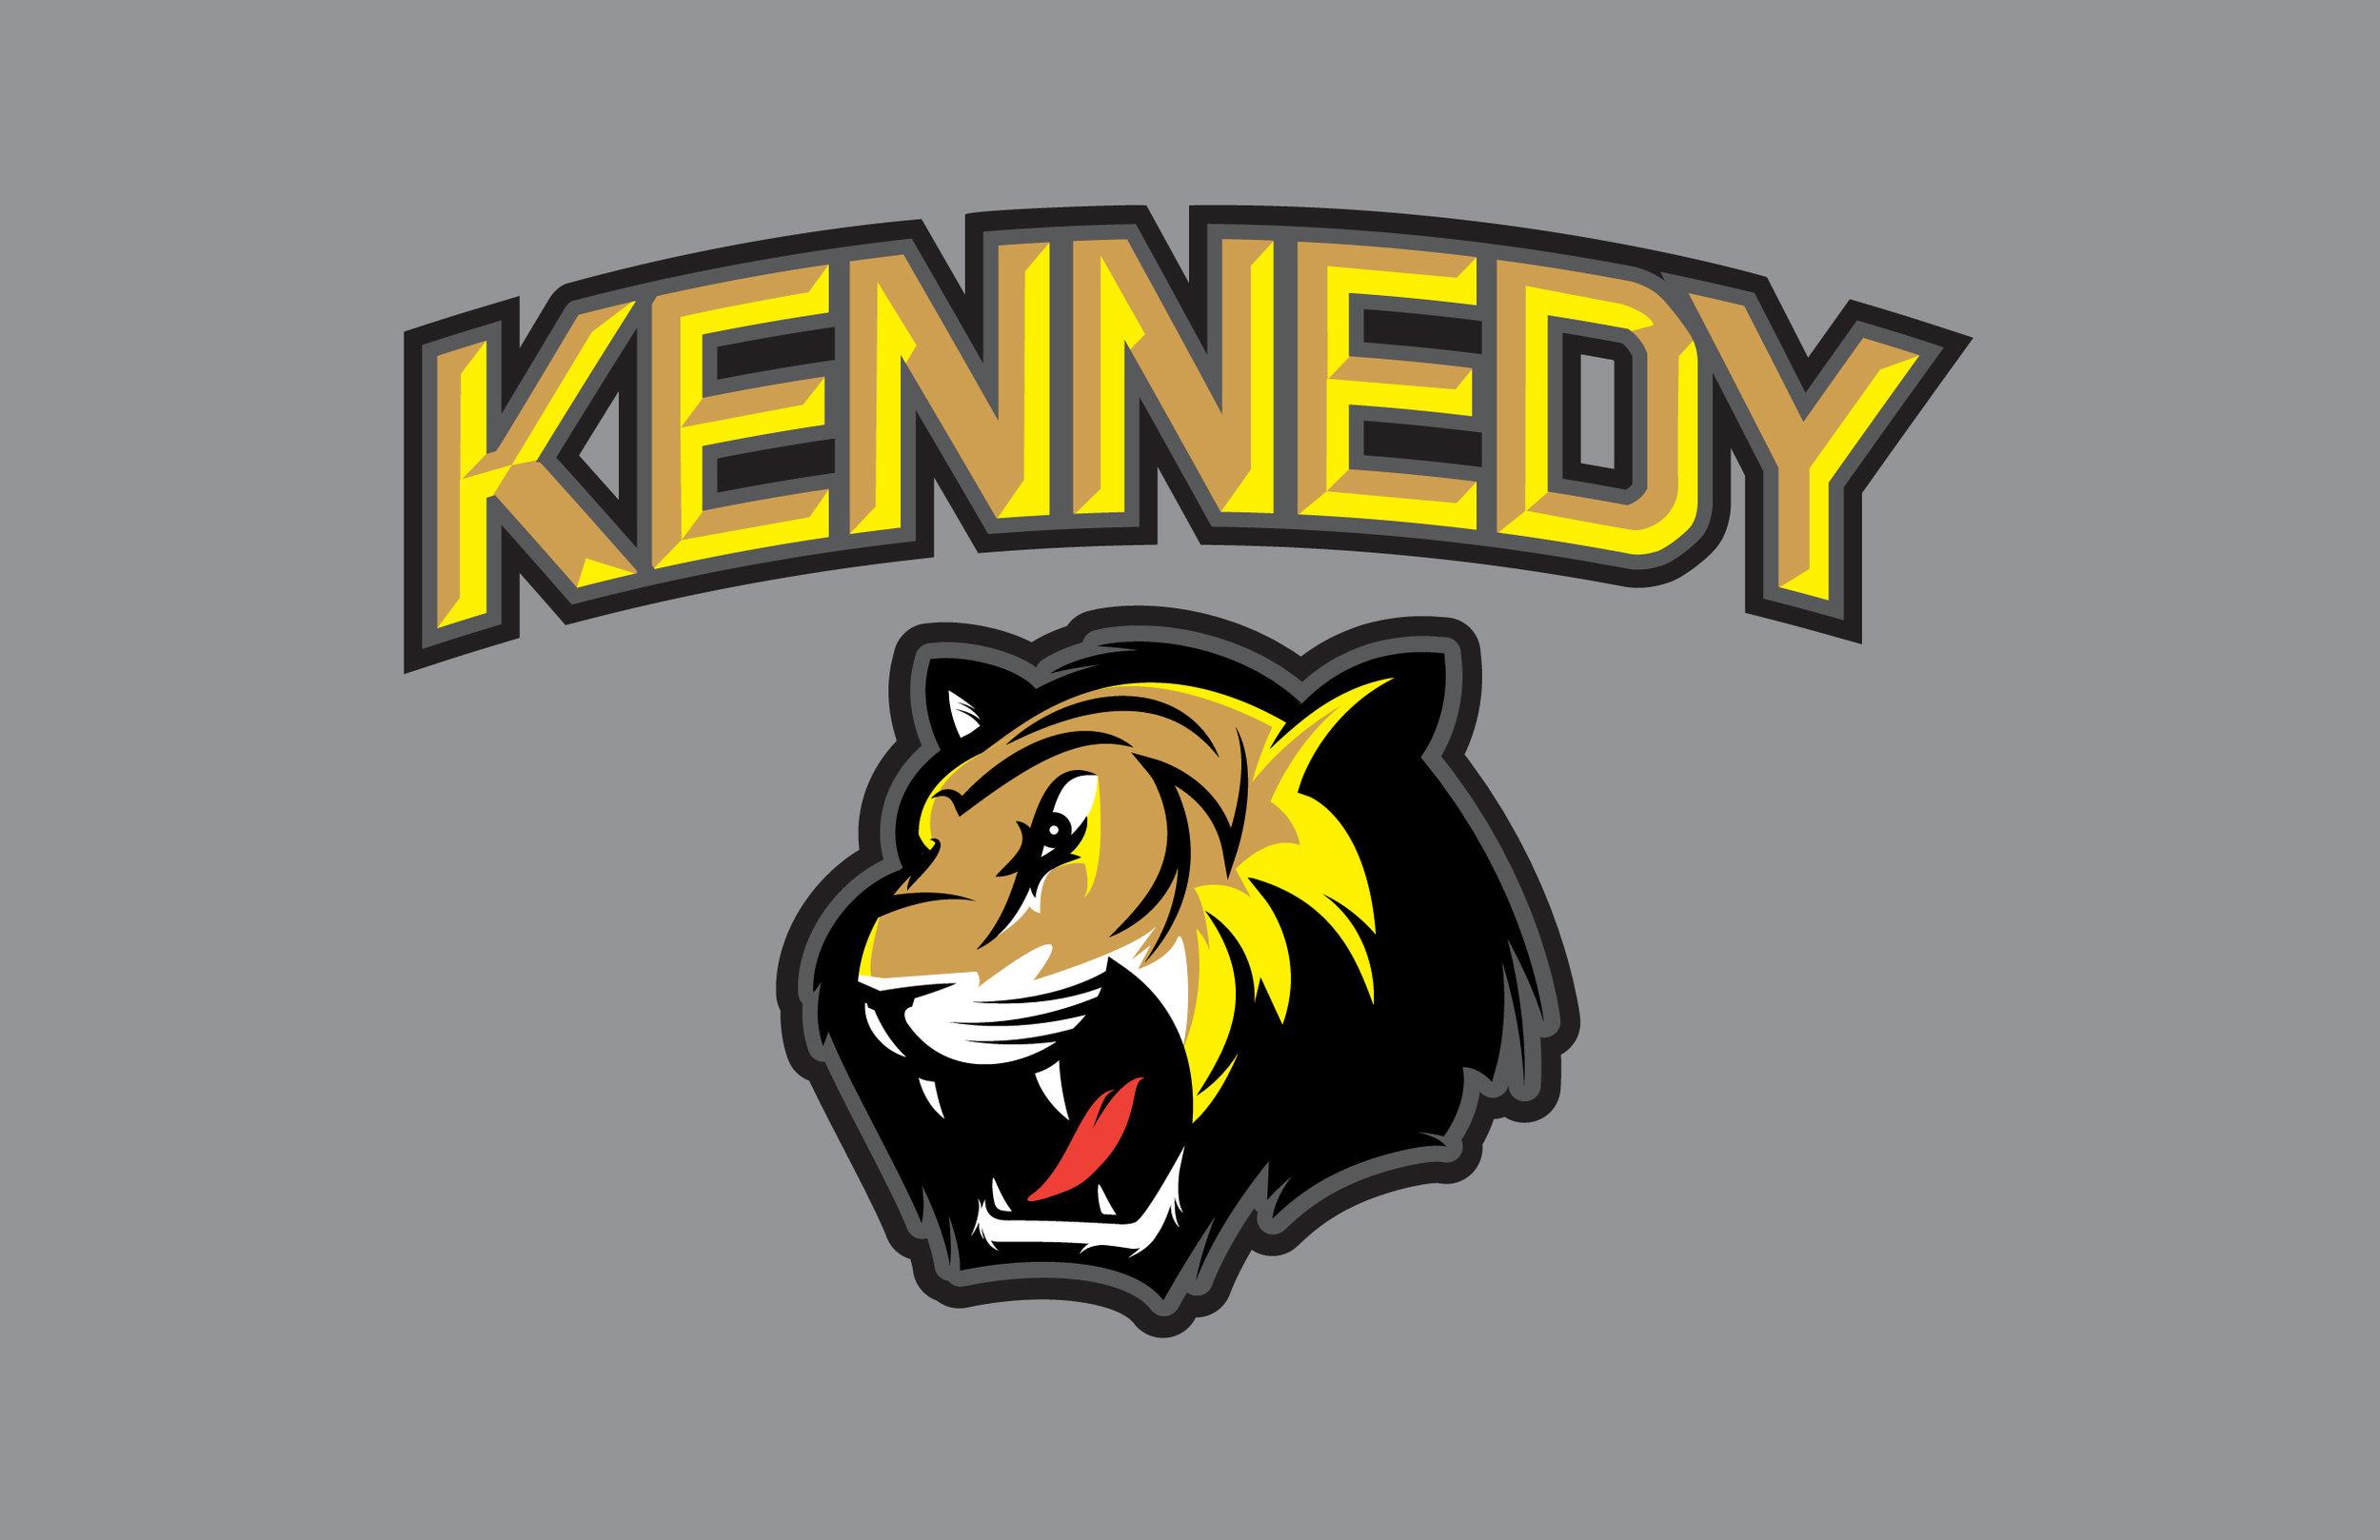 161114-KENNEDY-full_logo_stack-1.jpg